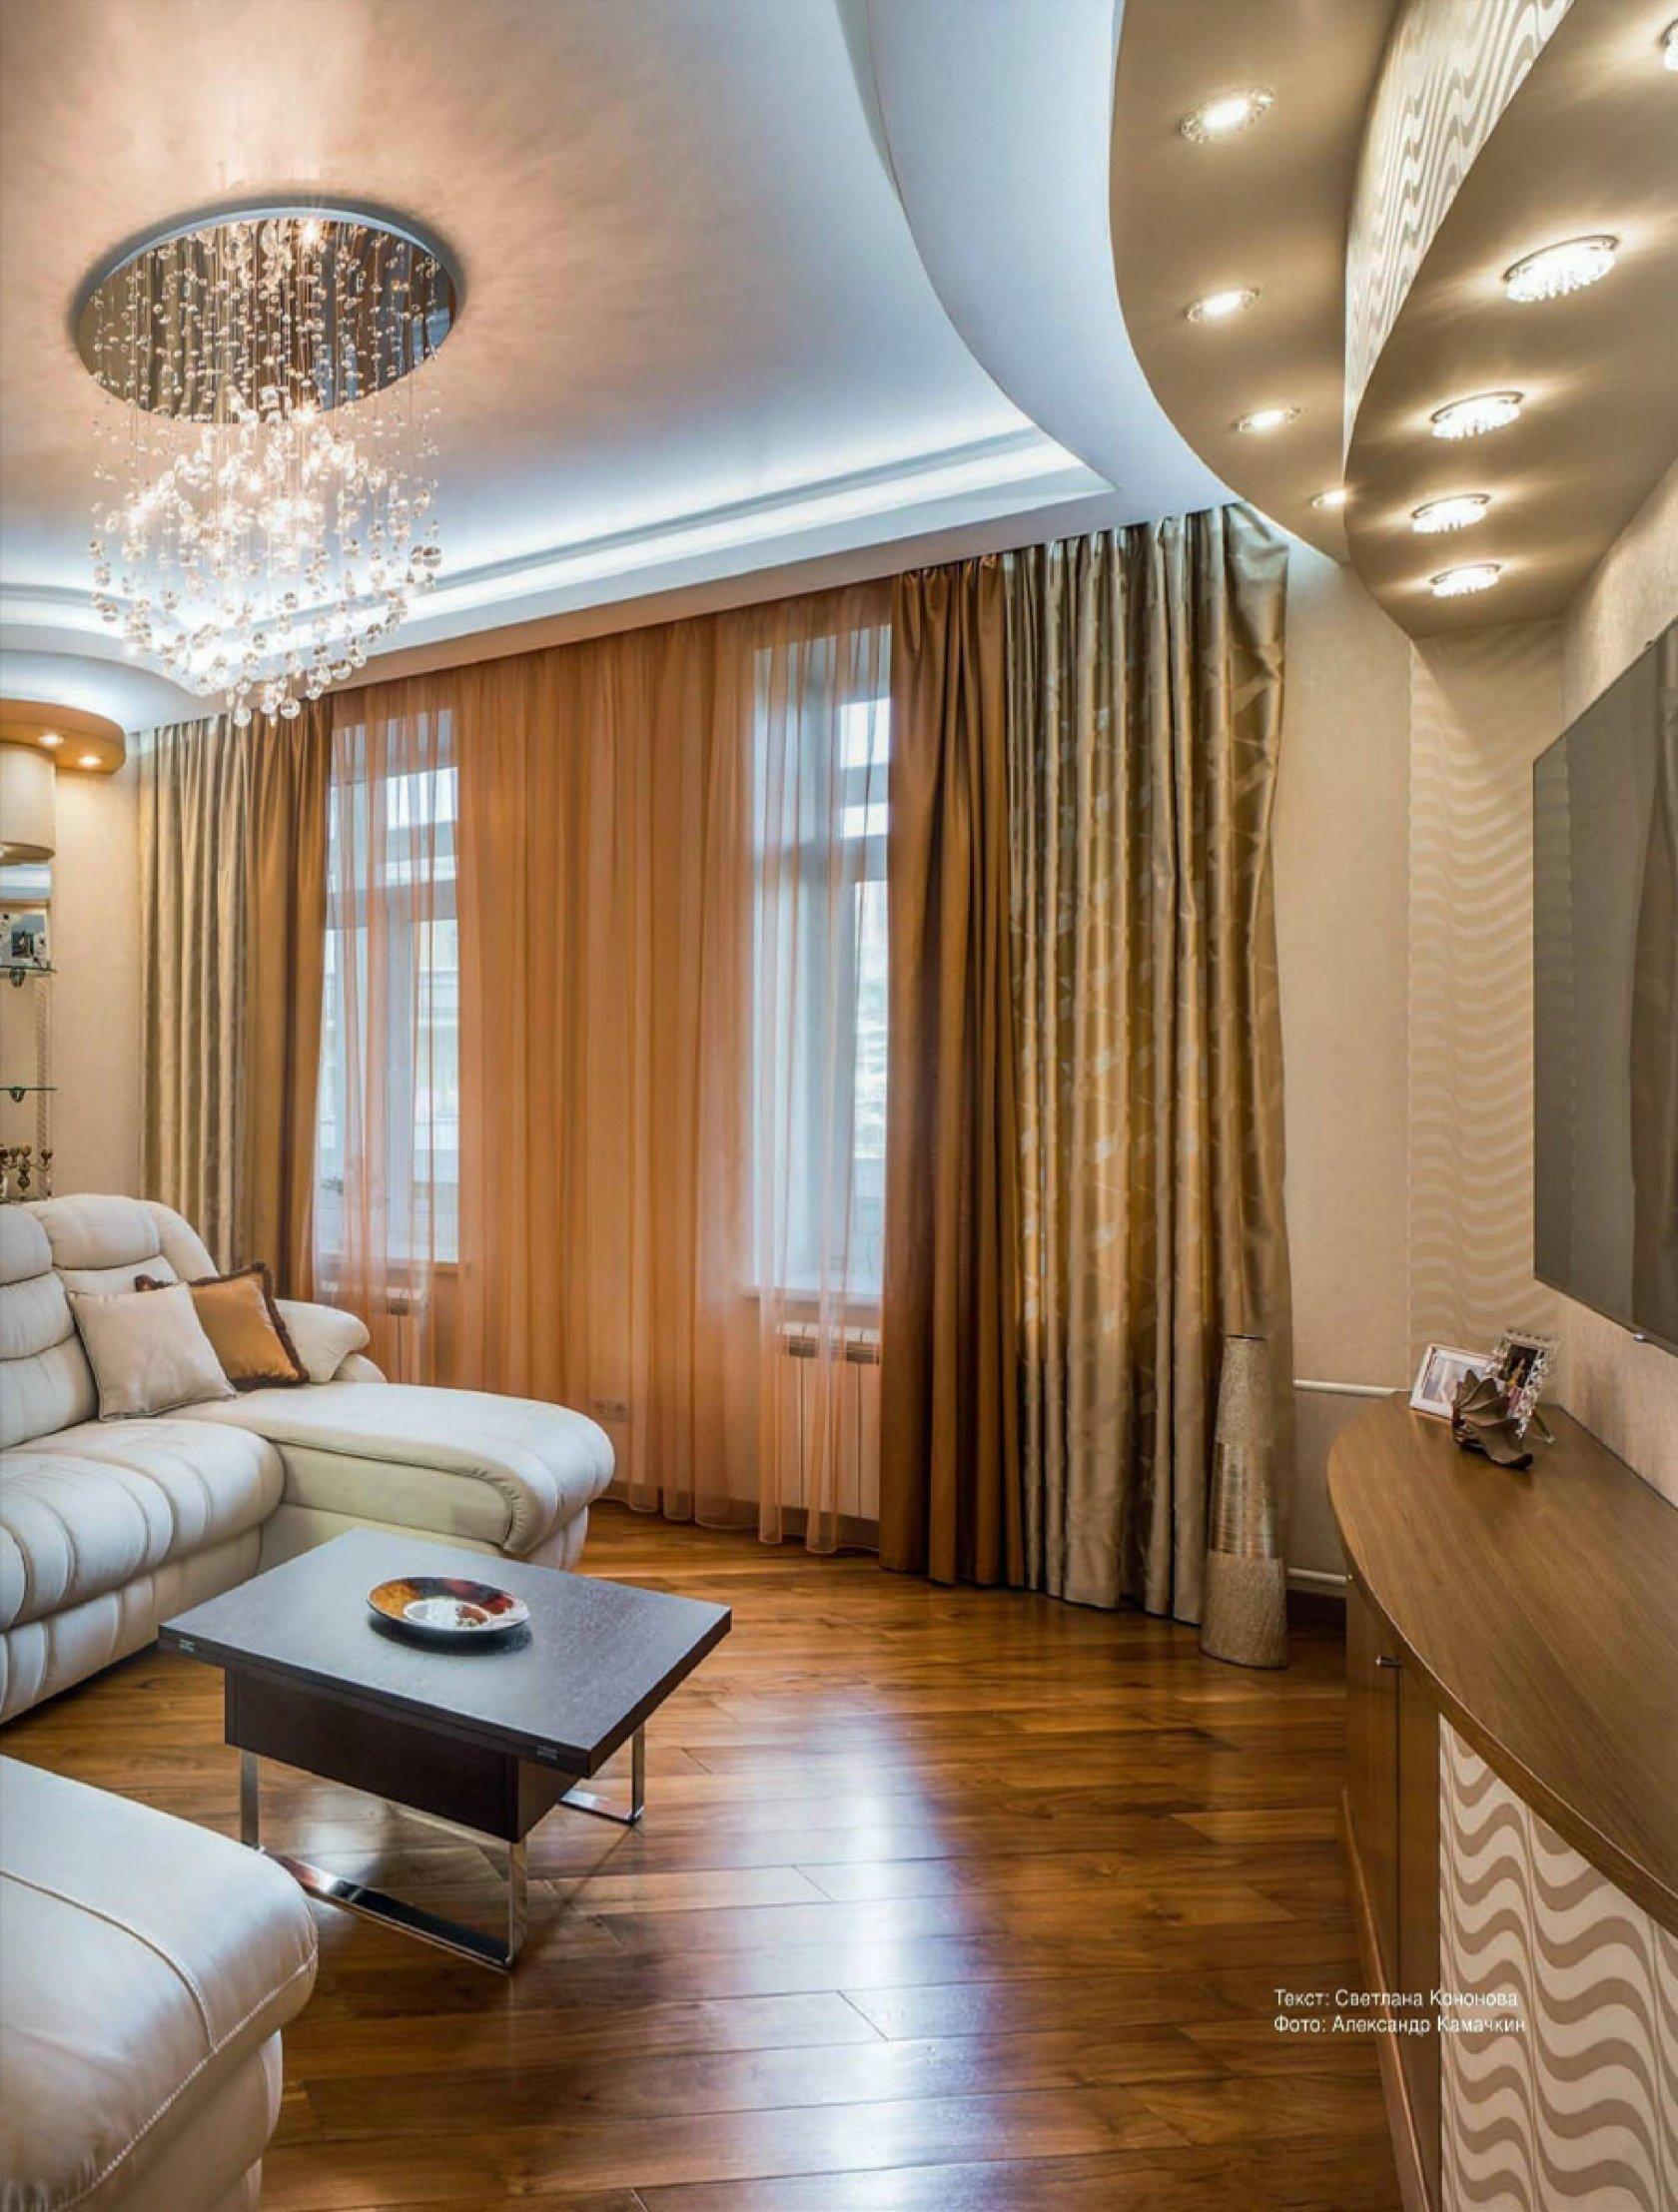 оладьи ремонт и дизайн квартиры в фотографии согласуйте